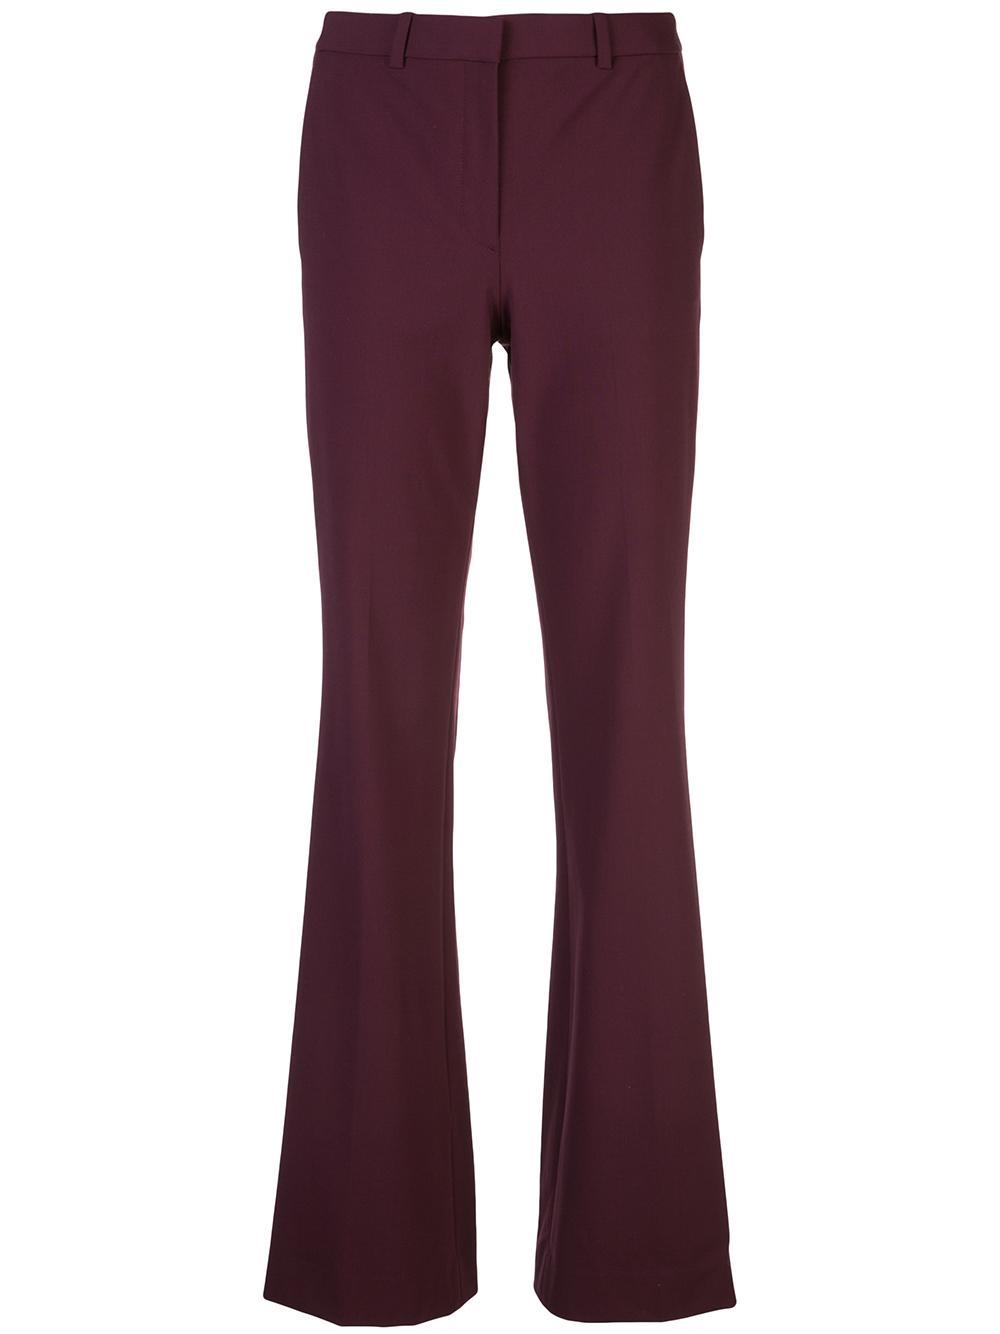 Classic Demitria 2 Pants Item # I0001201